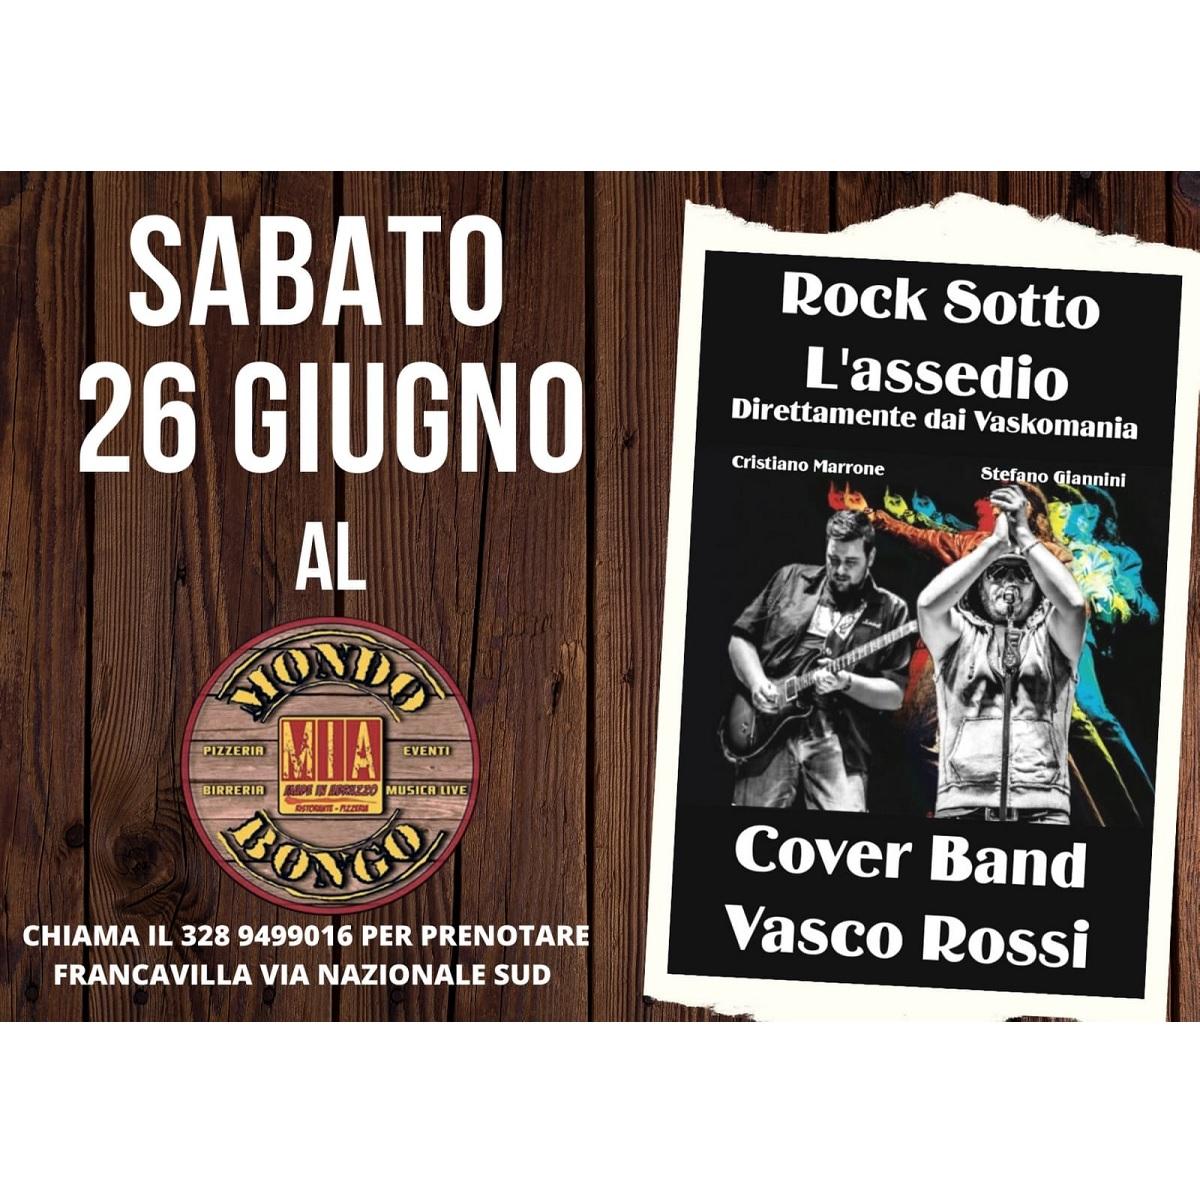 Sabato 26 giugno 2021 cover Vasco Rossi foto